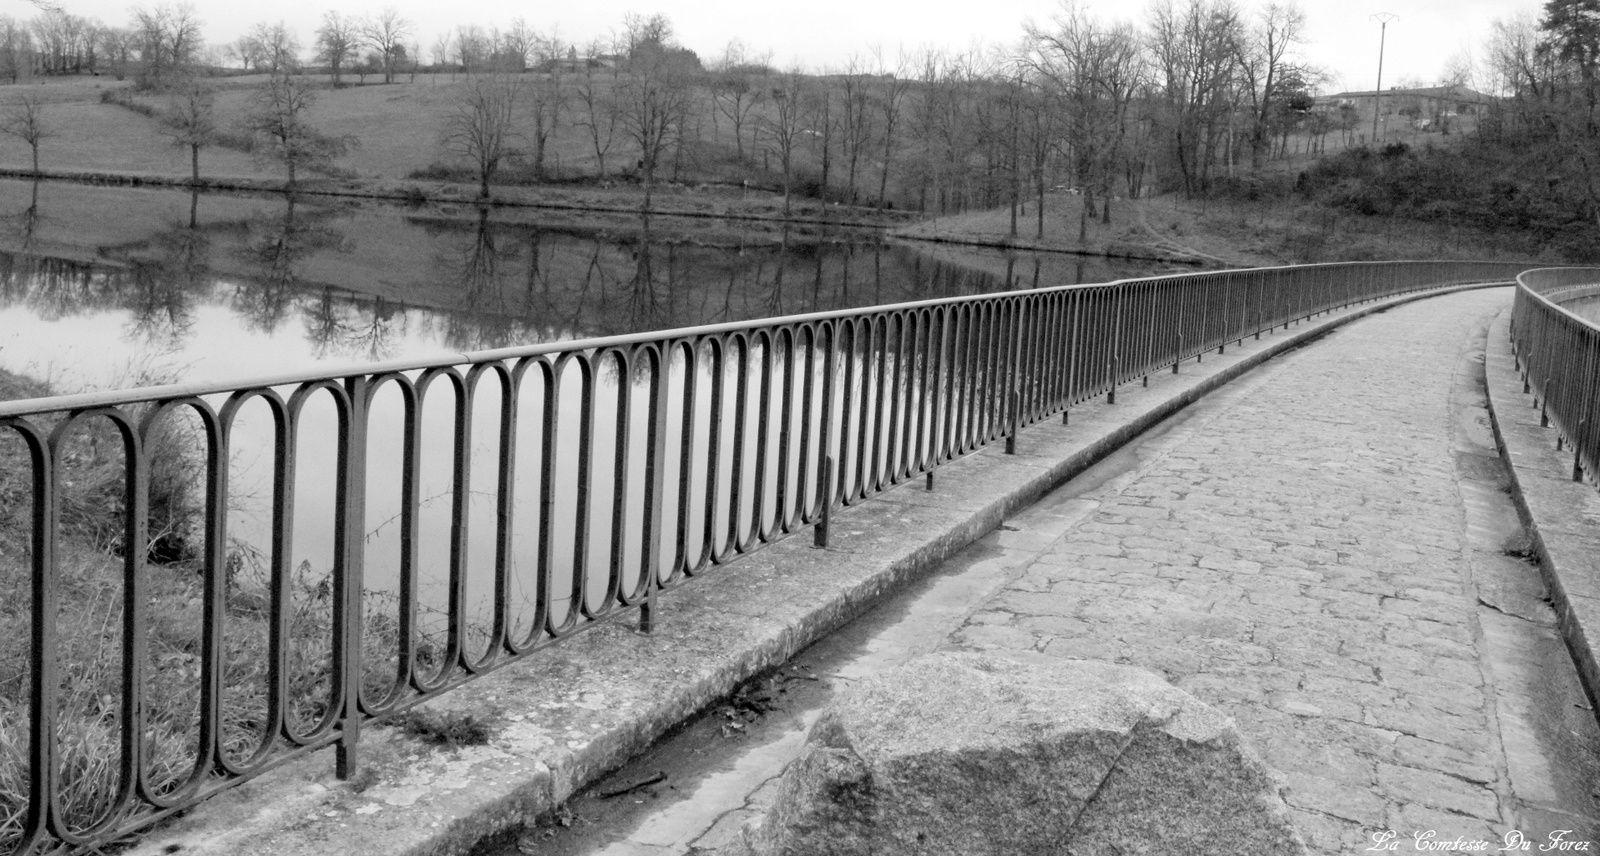 Barage du Vérut de Saint-Galmier (42, Loire)